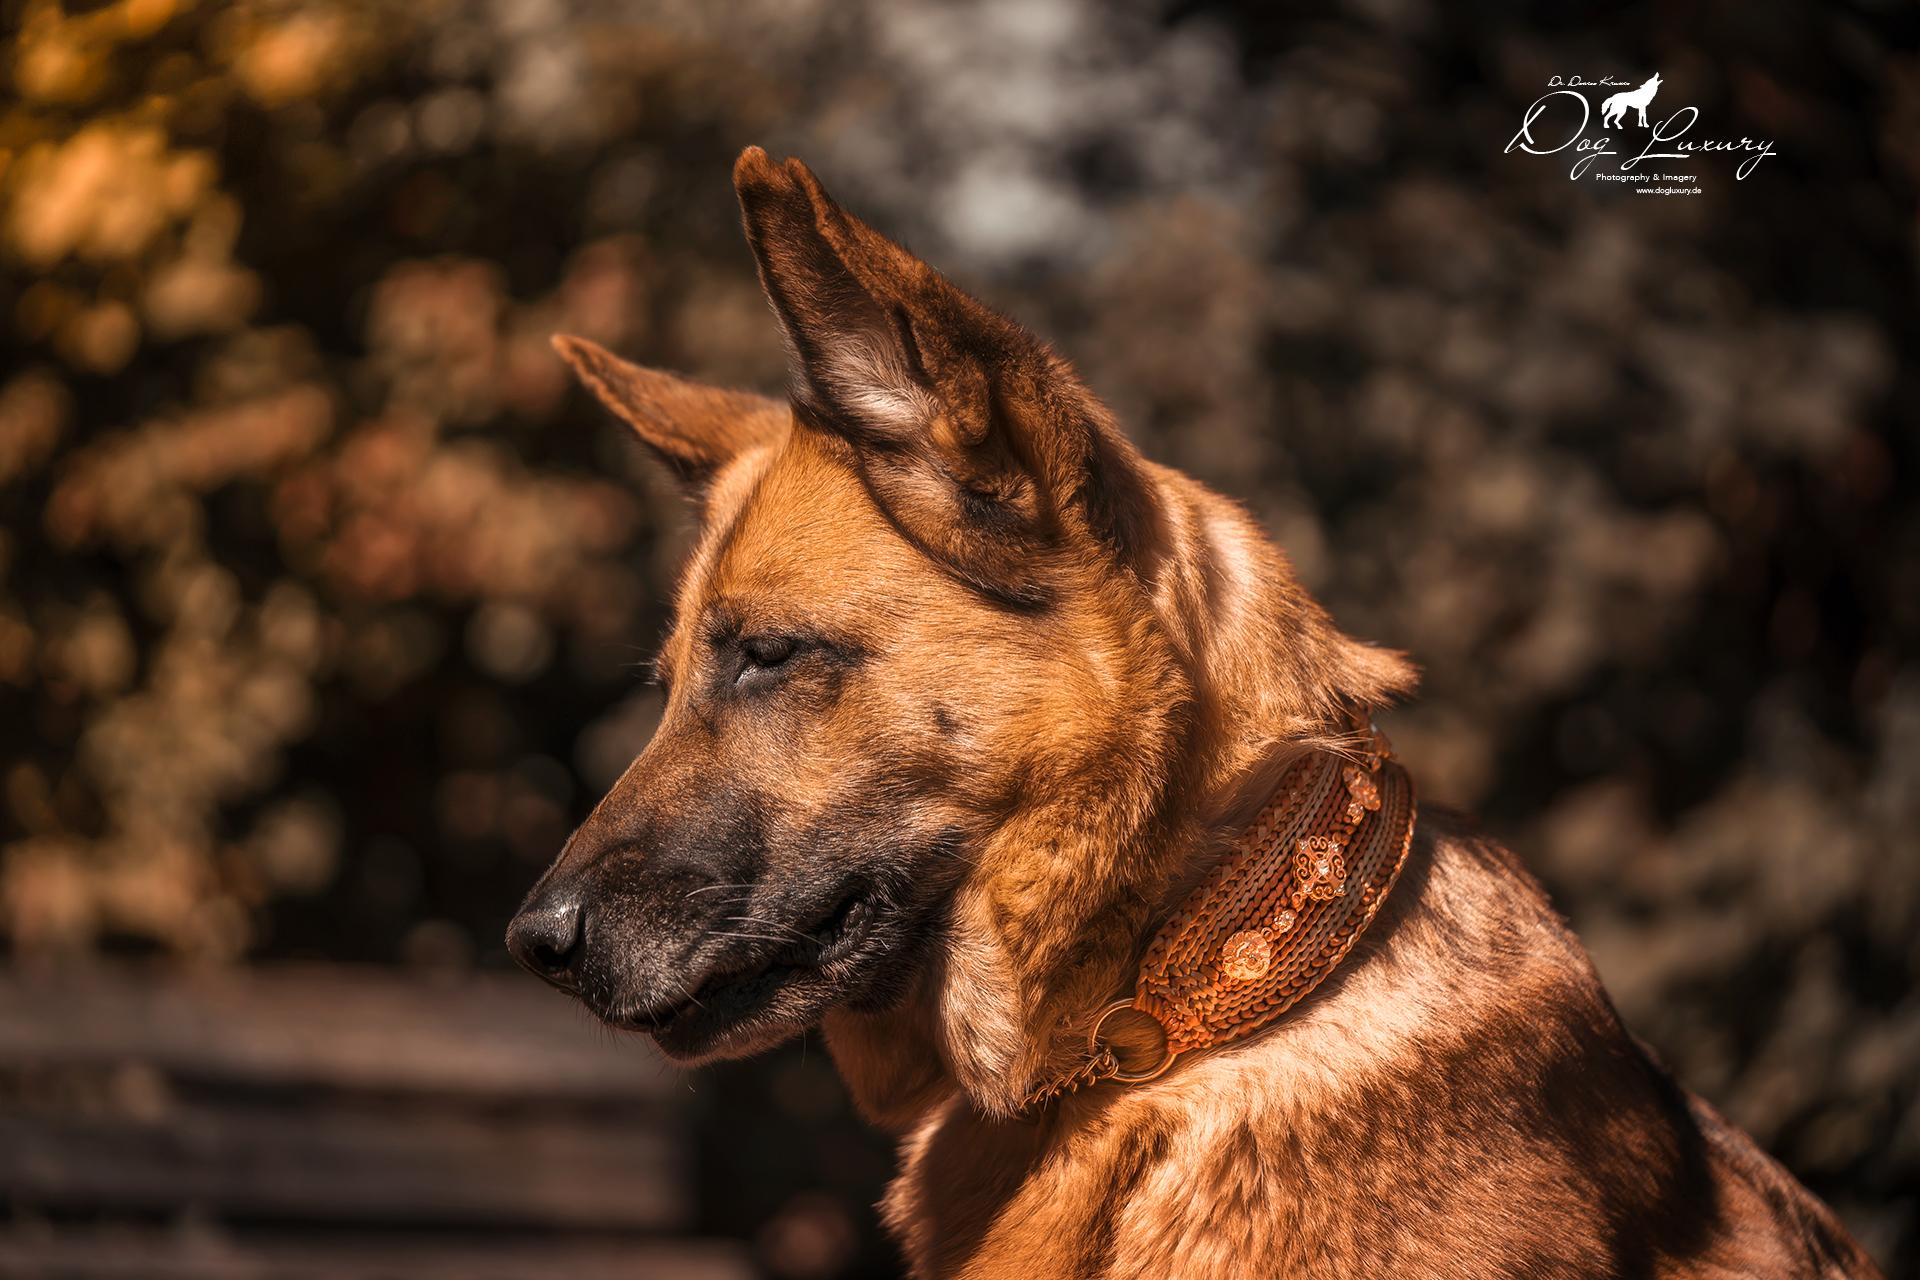 Hundezubehör: Hundehalsband individuell und edel aus Seide Nylon mit Zugstopp